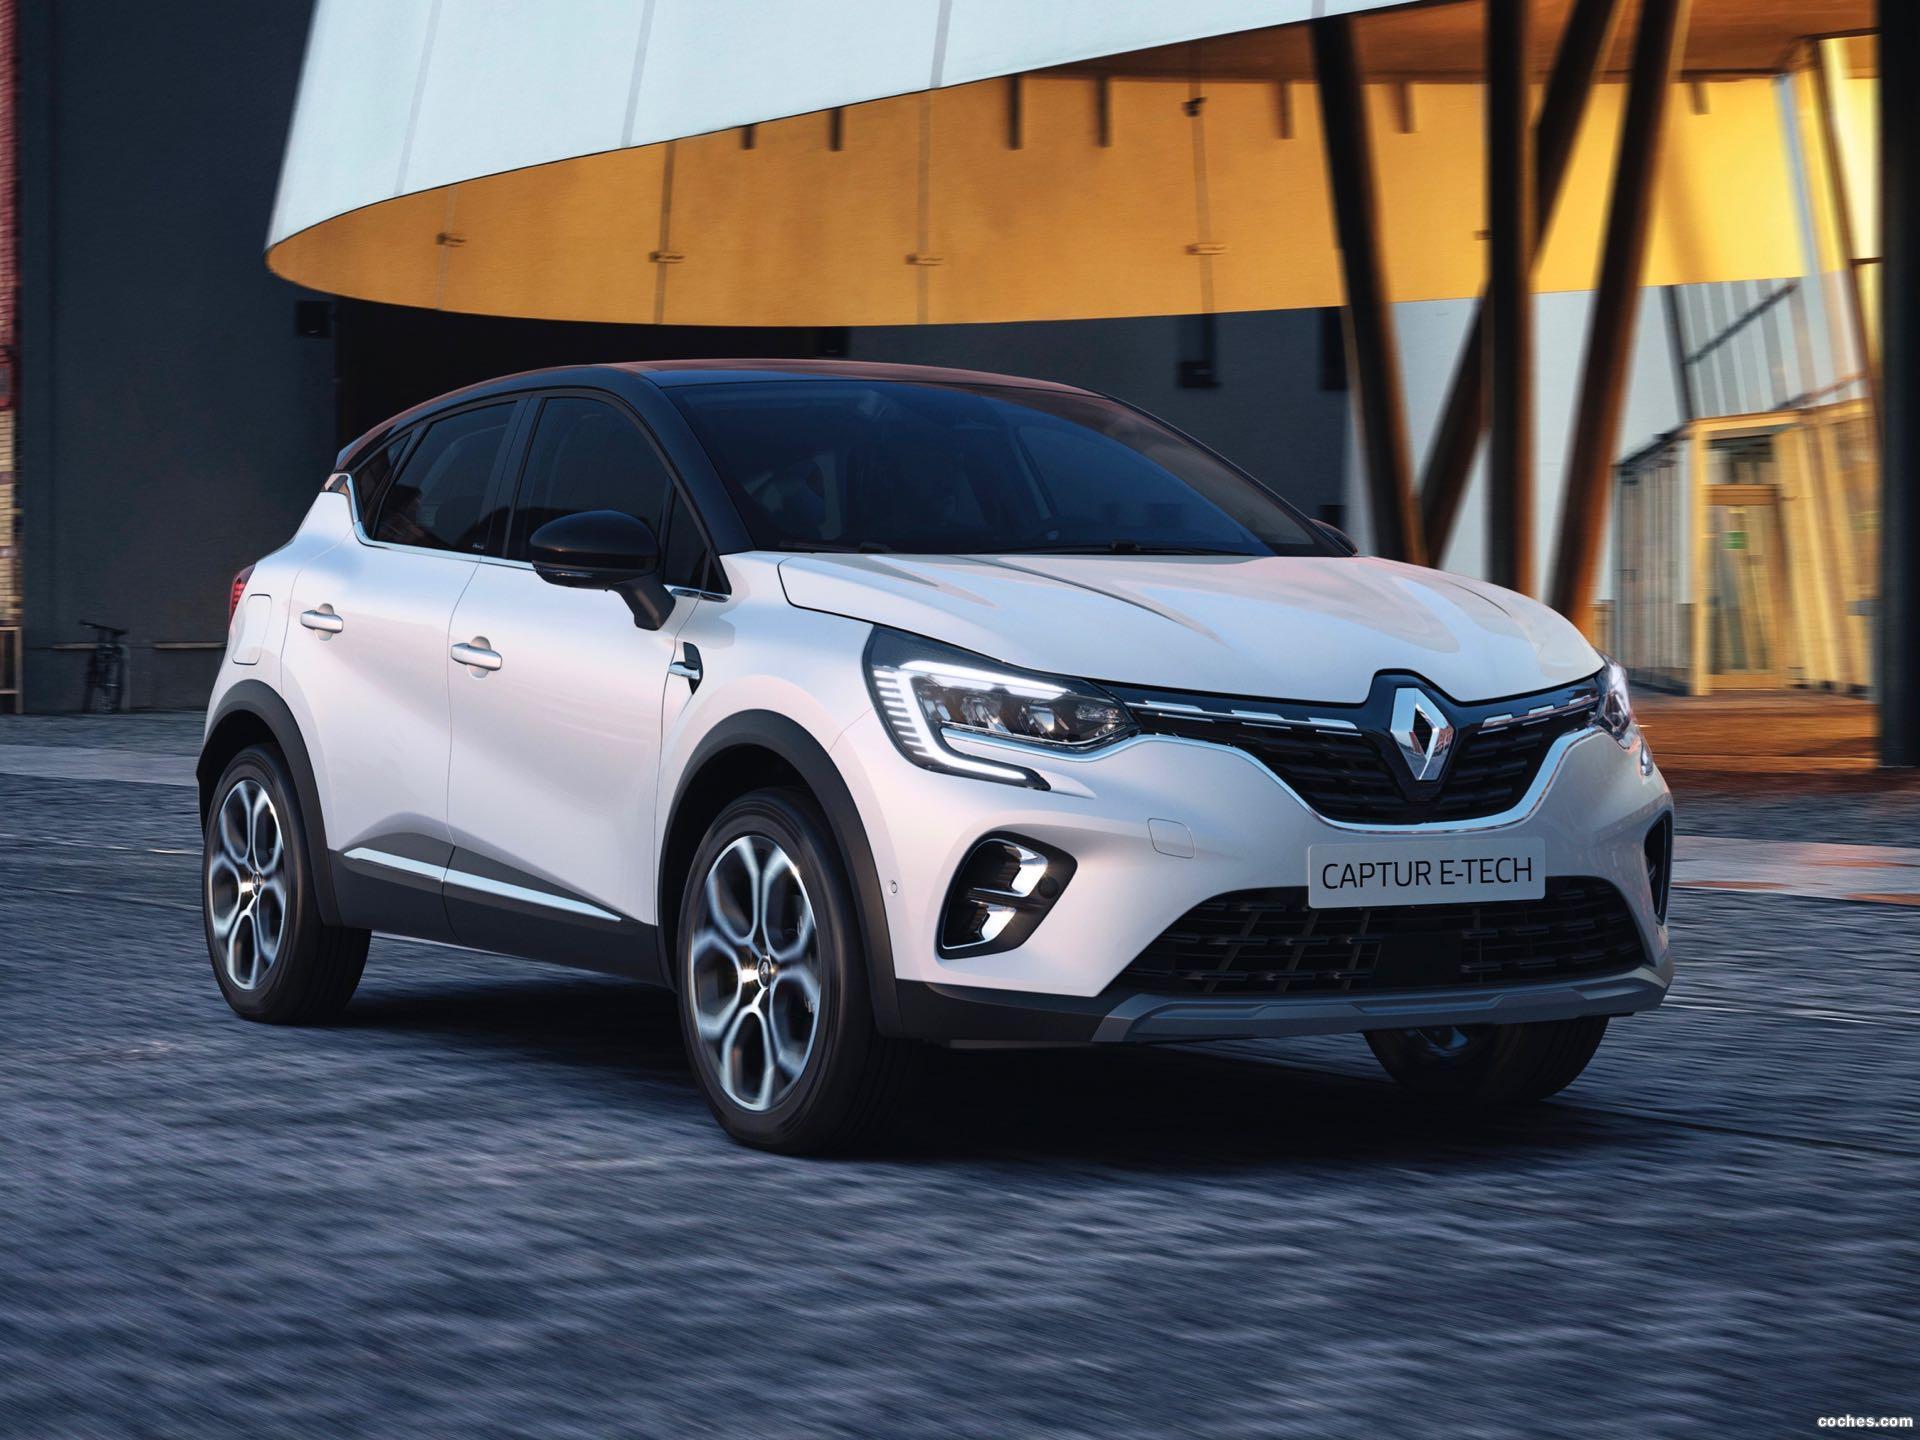 Foto 1 de Renault Captur E-Tech 2020